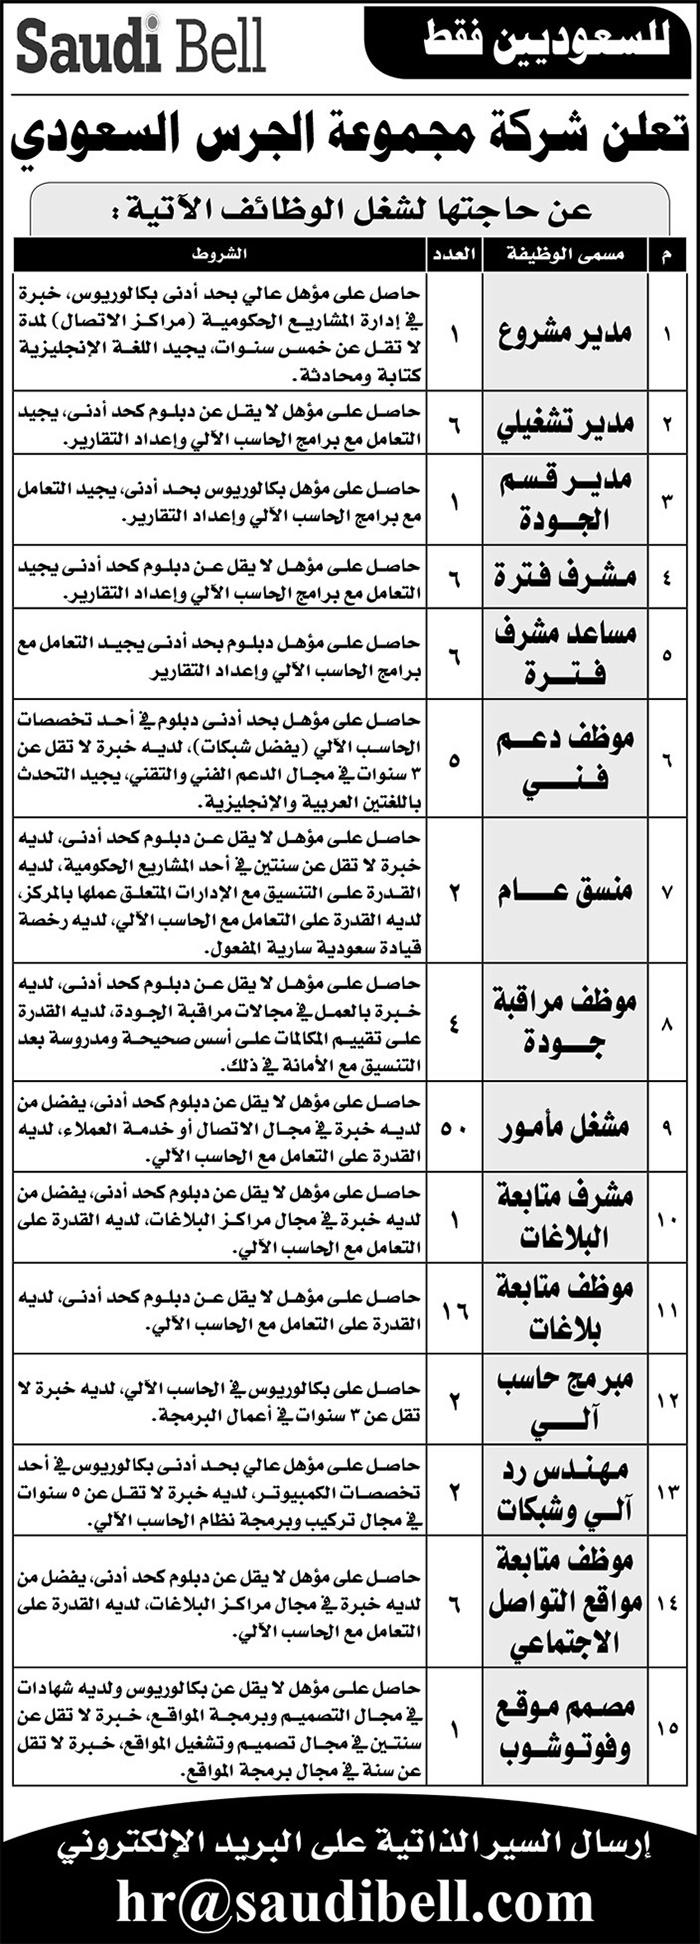 أكثر من 100 وظيفة إدارية ومتنوعة للنساء والرجال في مجموعة الجرس السعودي 1199710